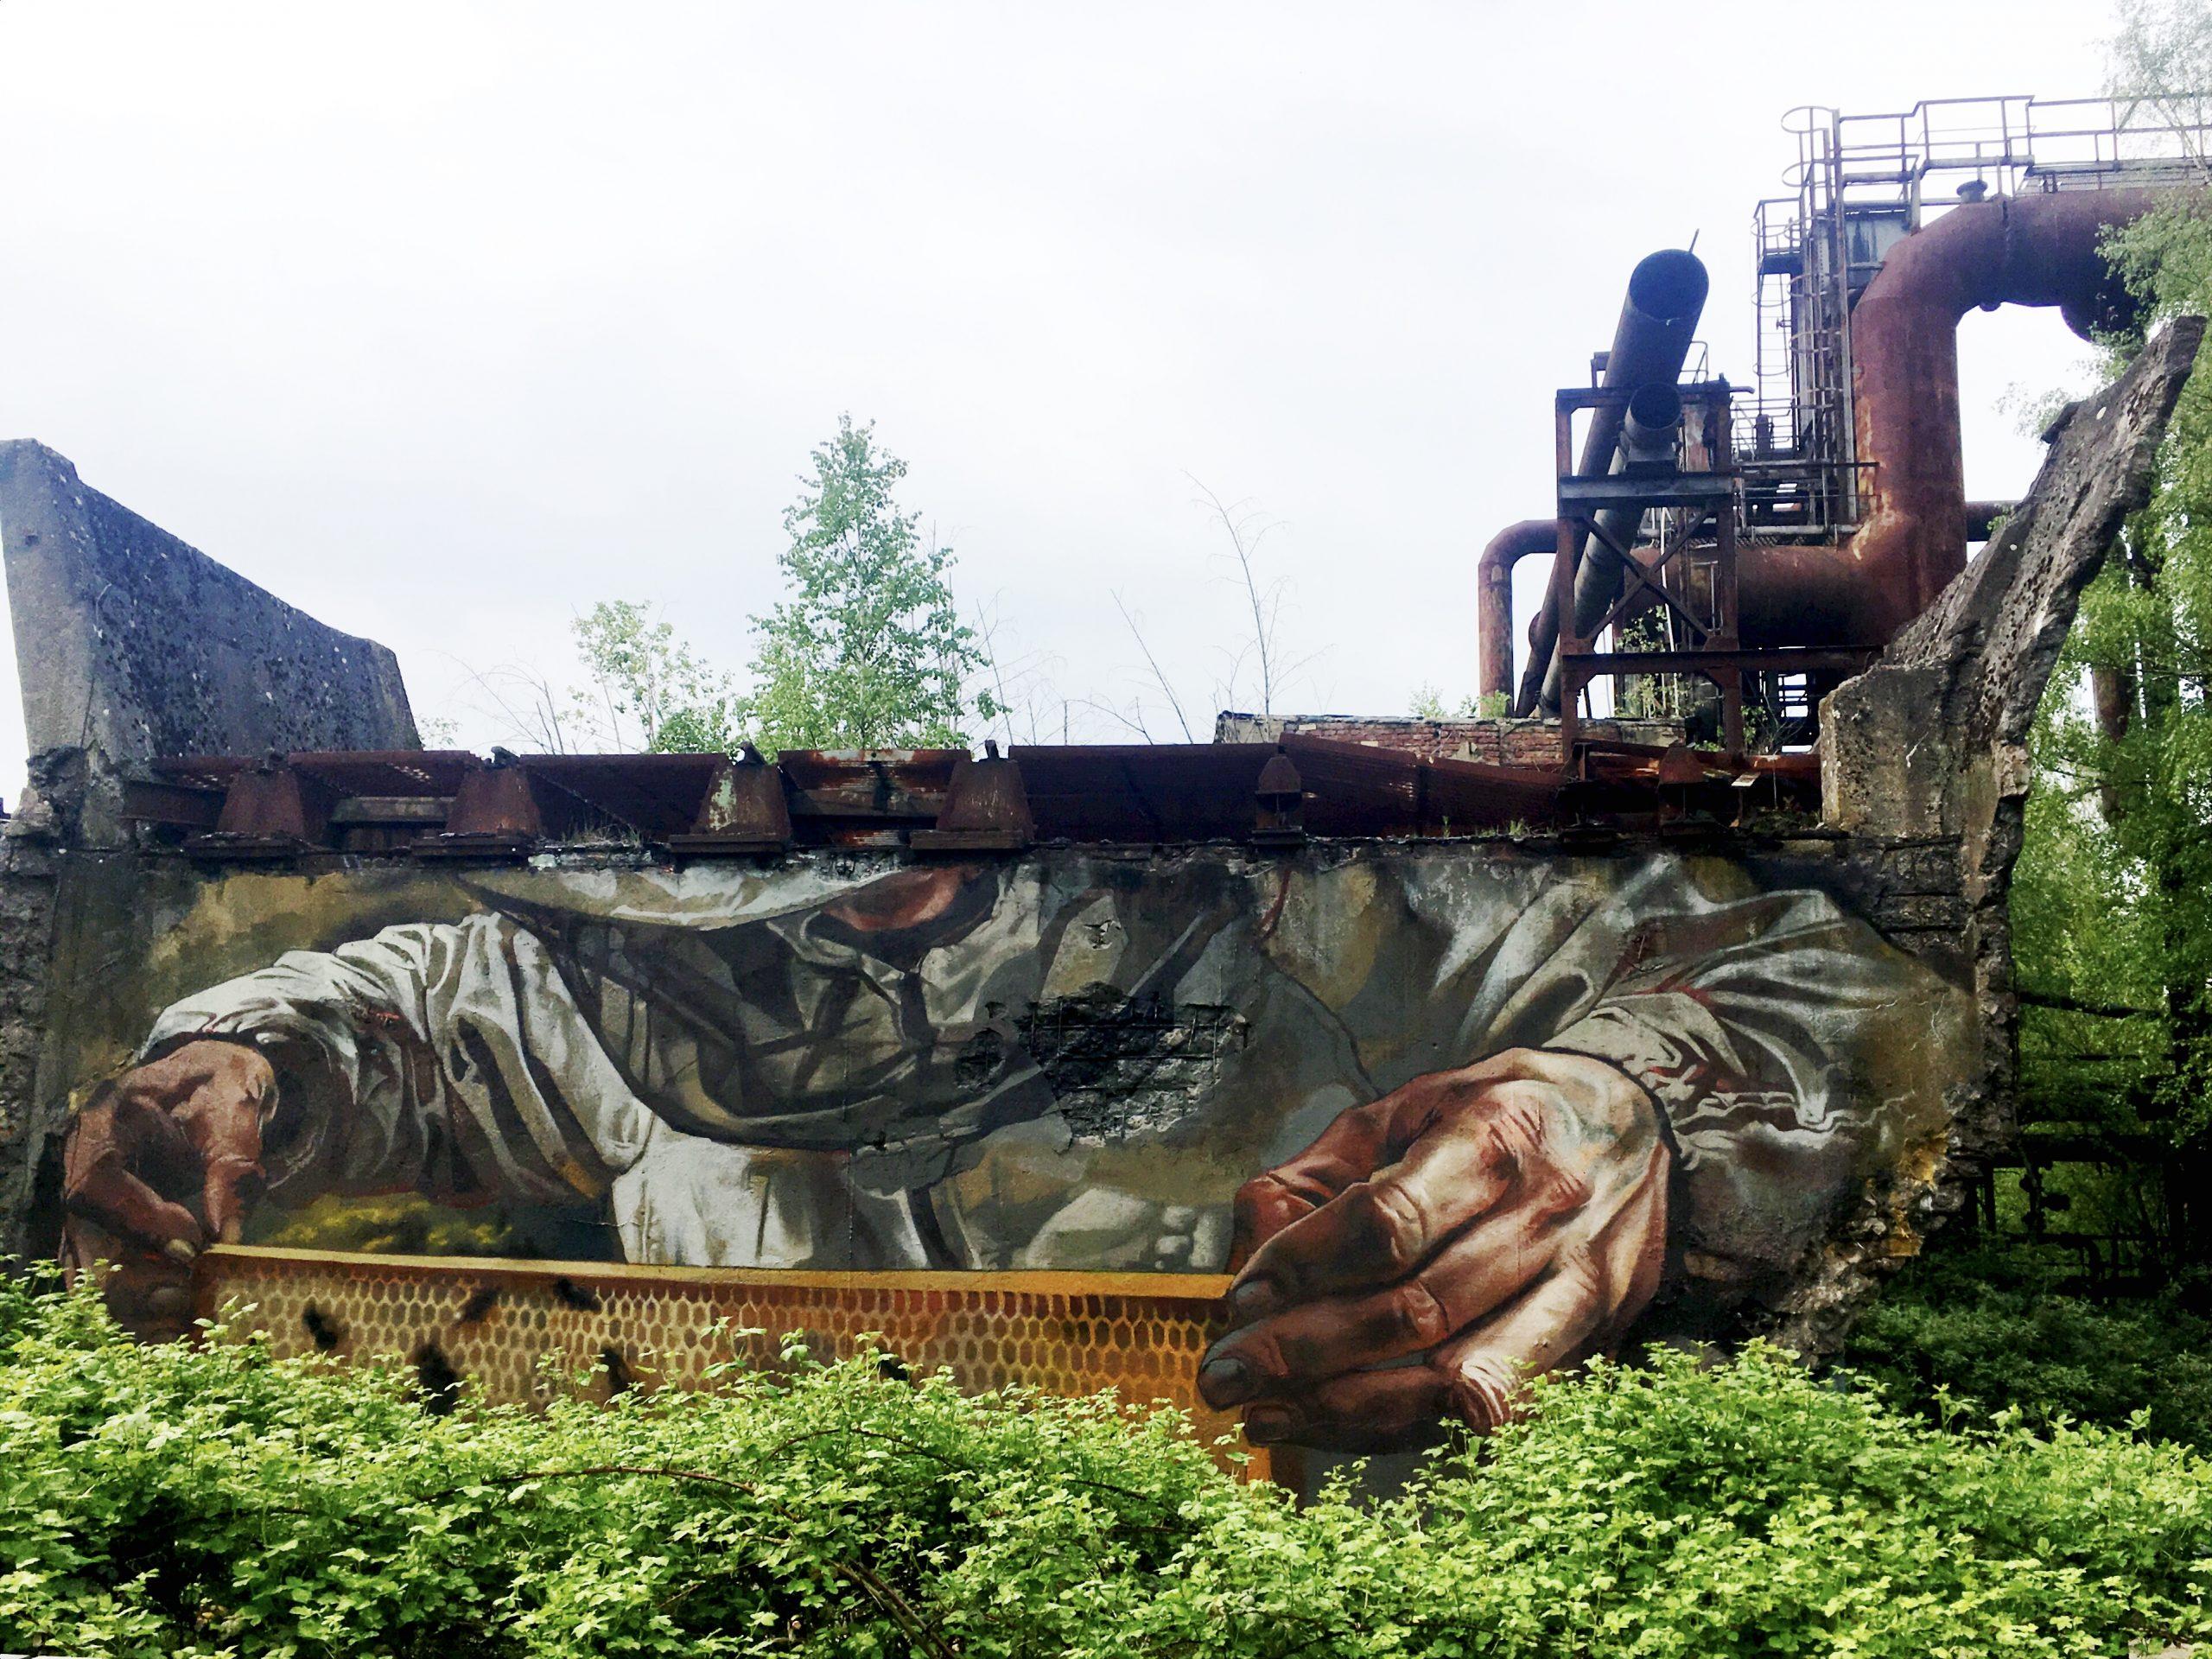 Mural eines Imkers auf Betonwand. Im Vordergrund Buschwerk